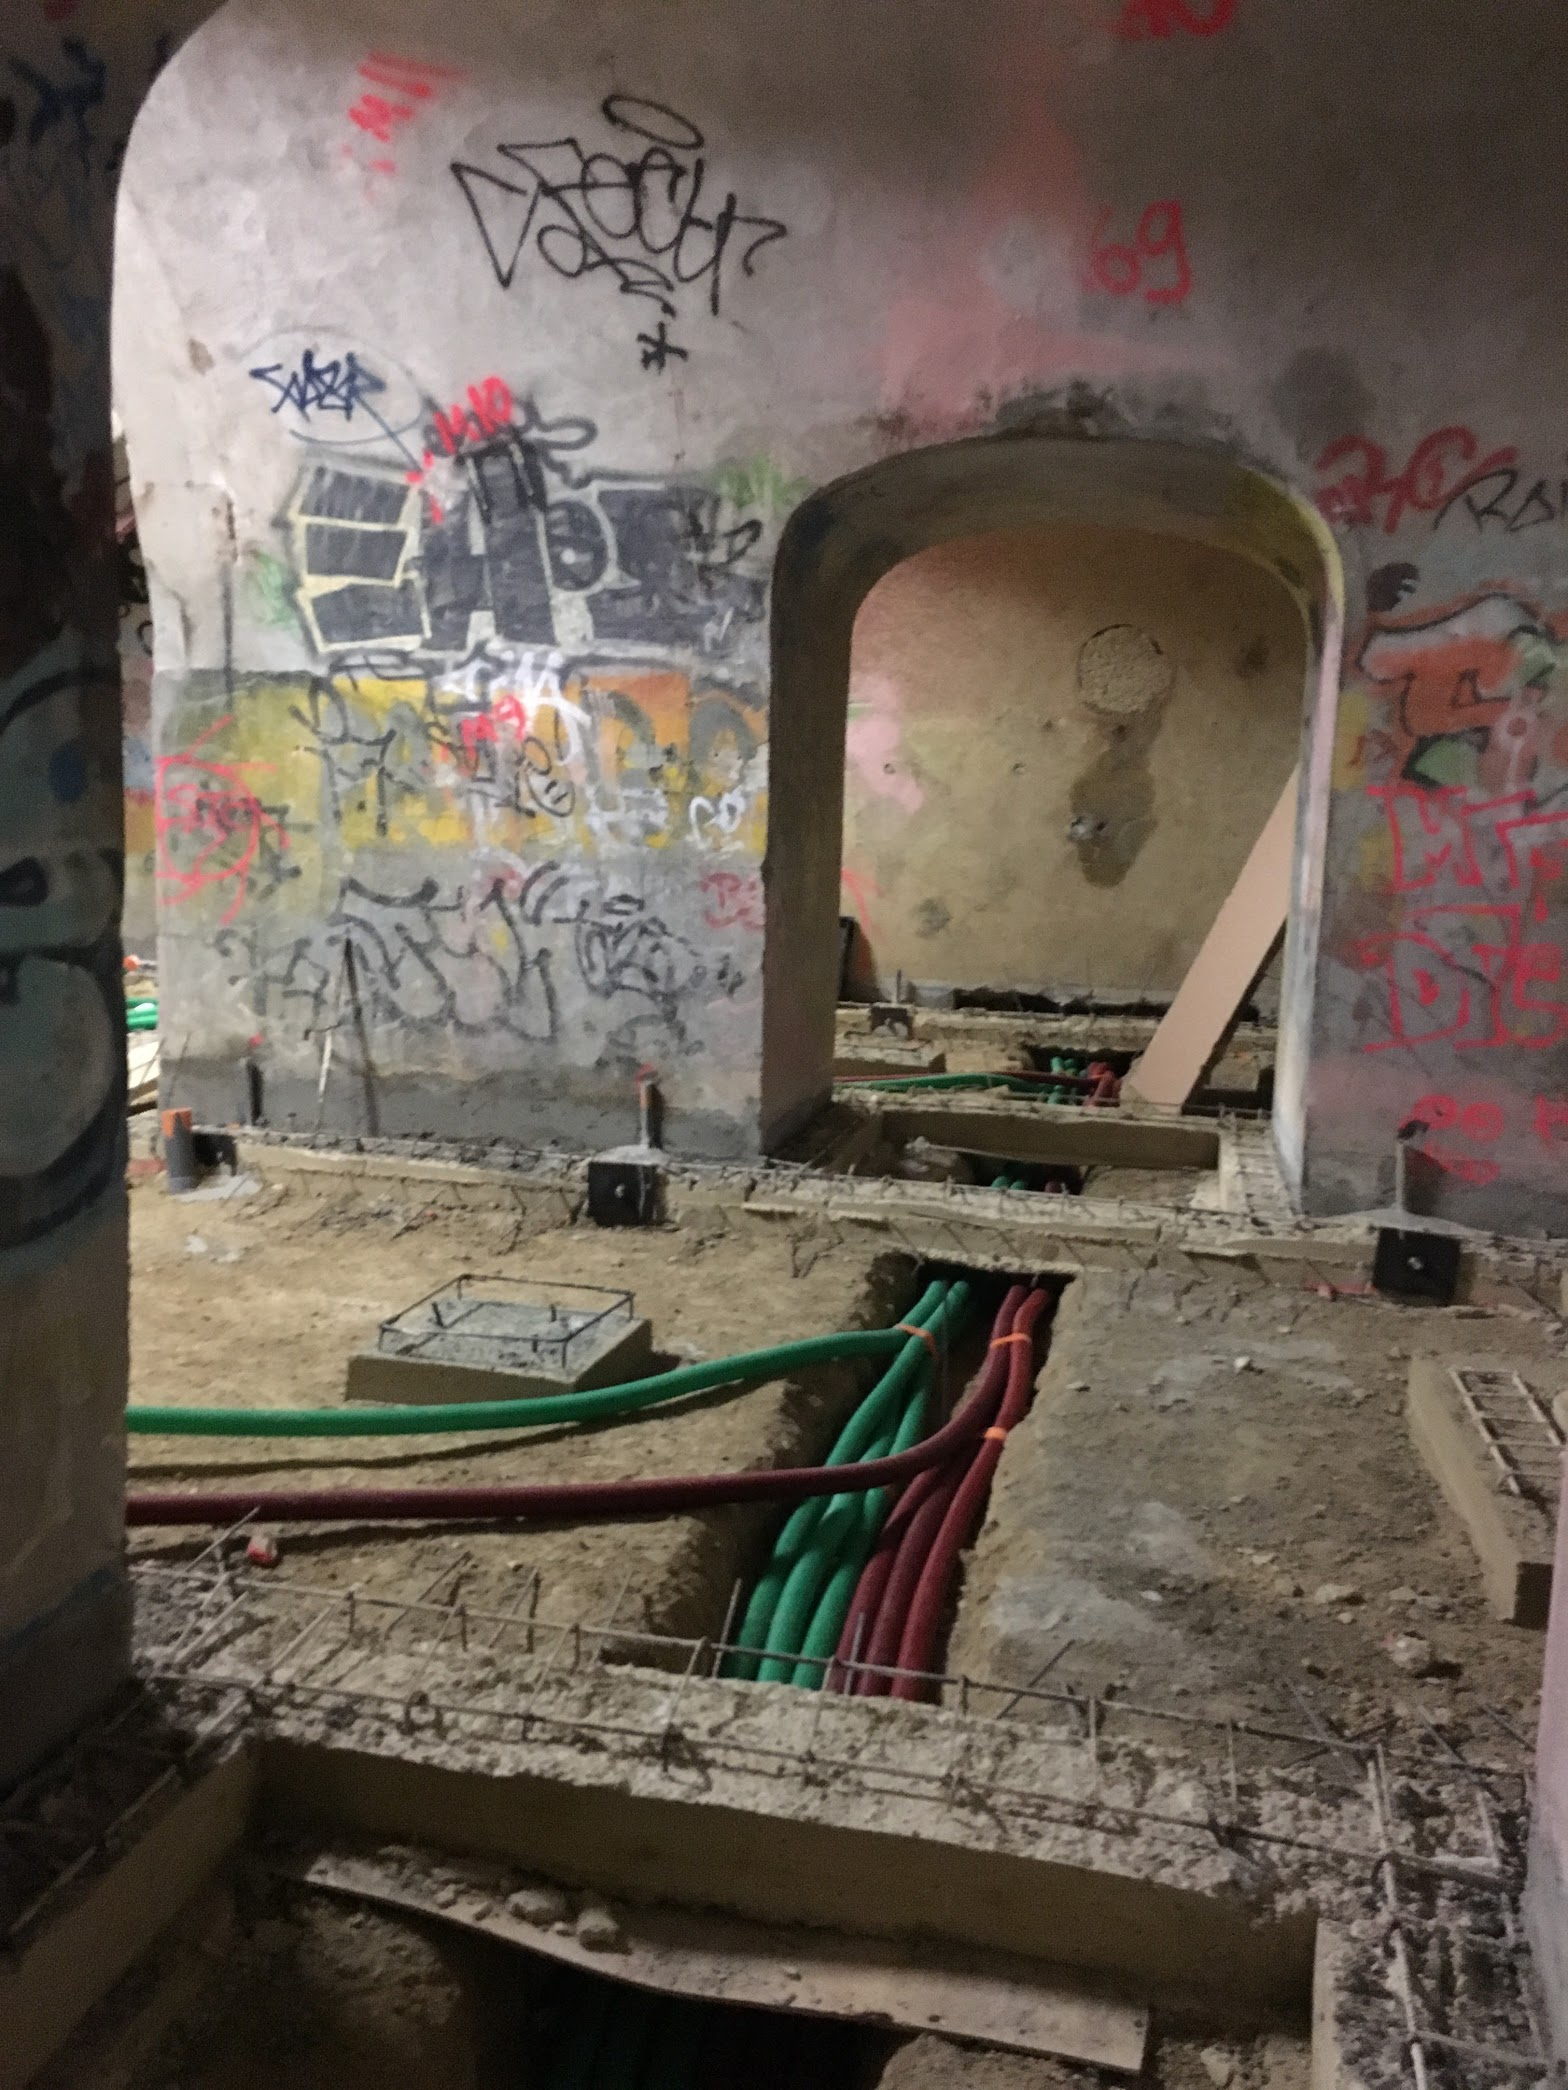 Ядерный бункер в Париже переоборудуют в дата-центр компании online.net - 4